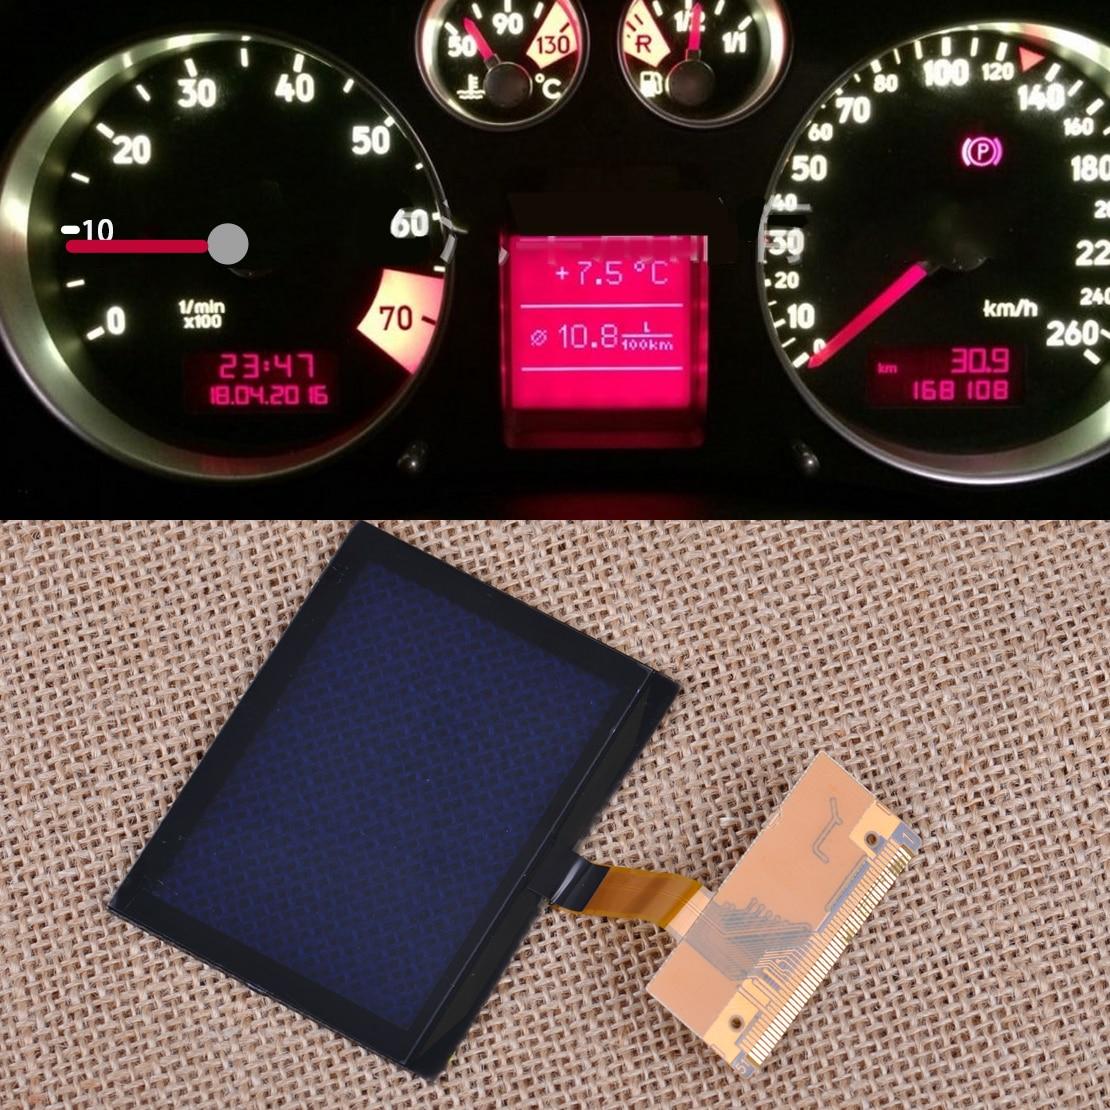 CITALL Cluster di Tachimetro Display LCD di Ricambio Dello Schermo di Misura Per Audi A3 A6 C5 TT 8N Serie 1999 2000 2001 2002 2003